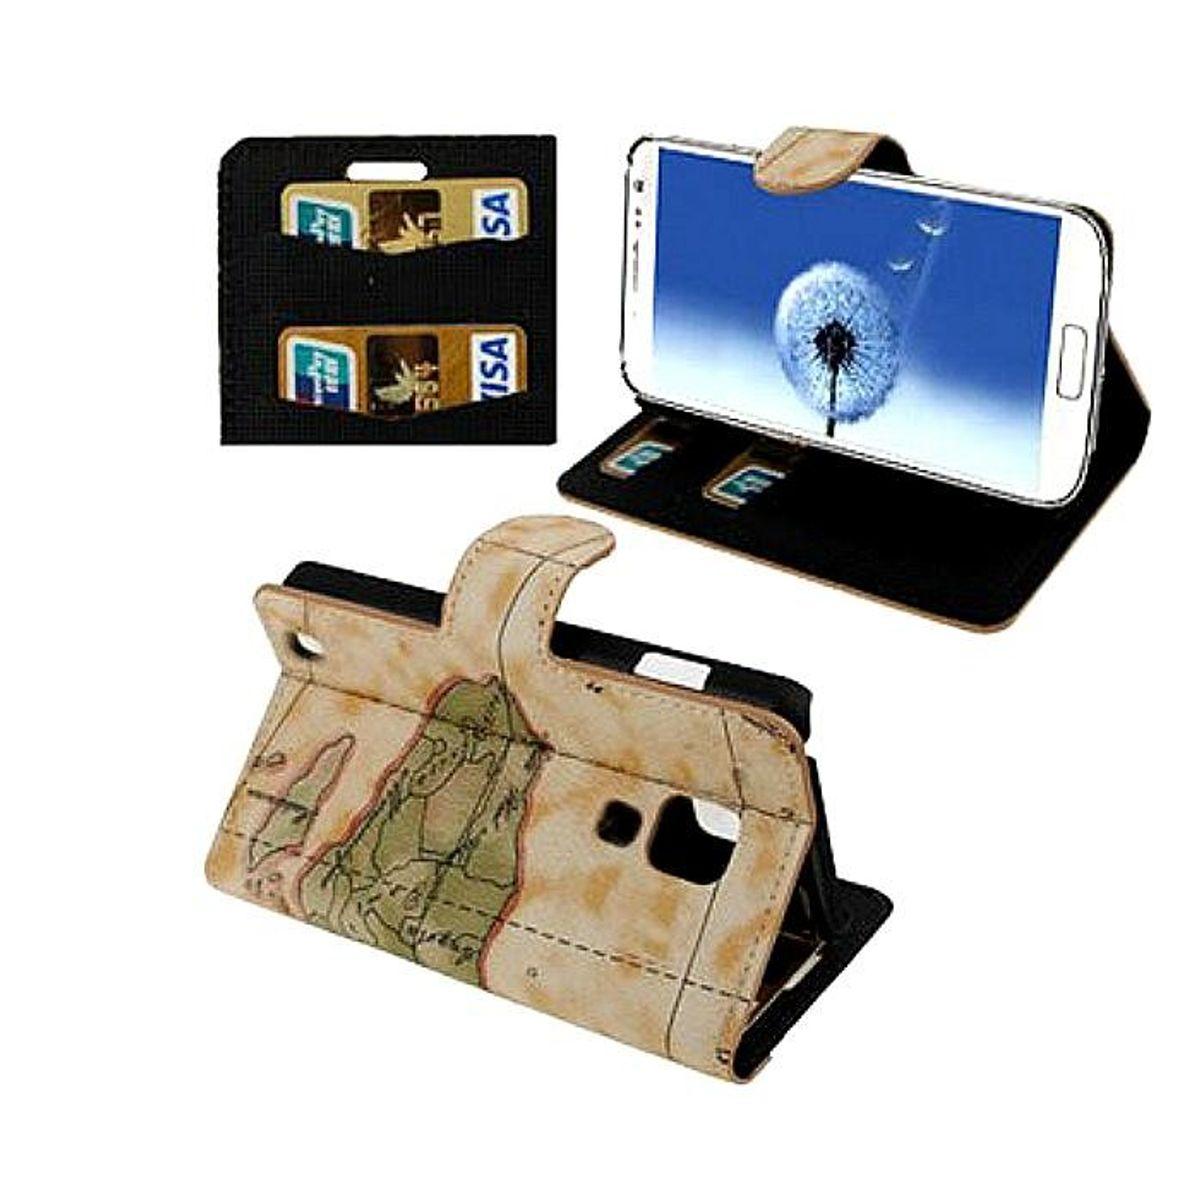 Tasche Handytasche (Flip Quer) Samsung Galaxy i9500 S4